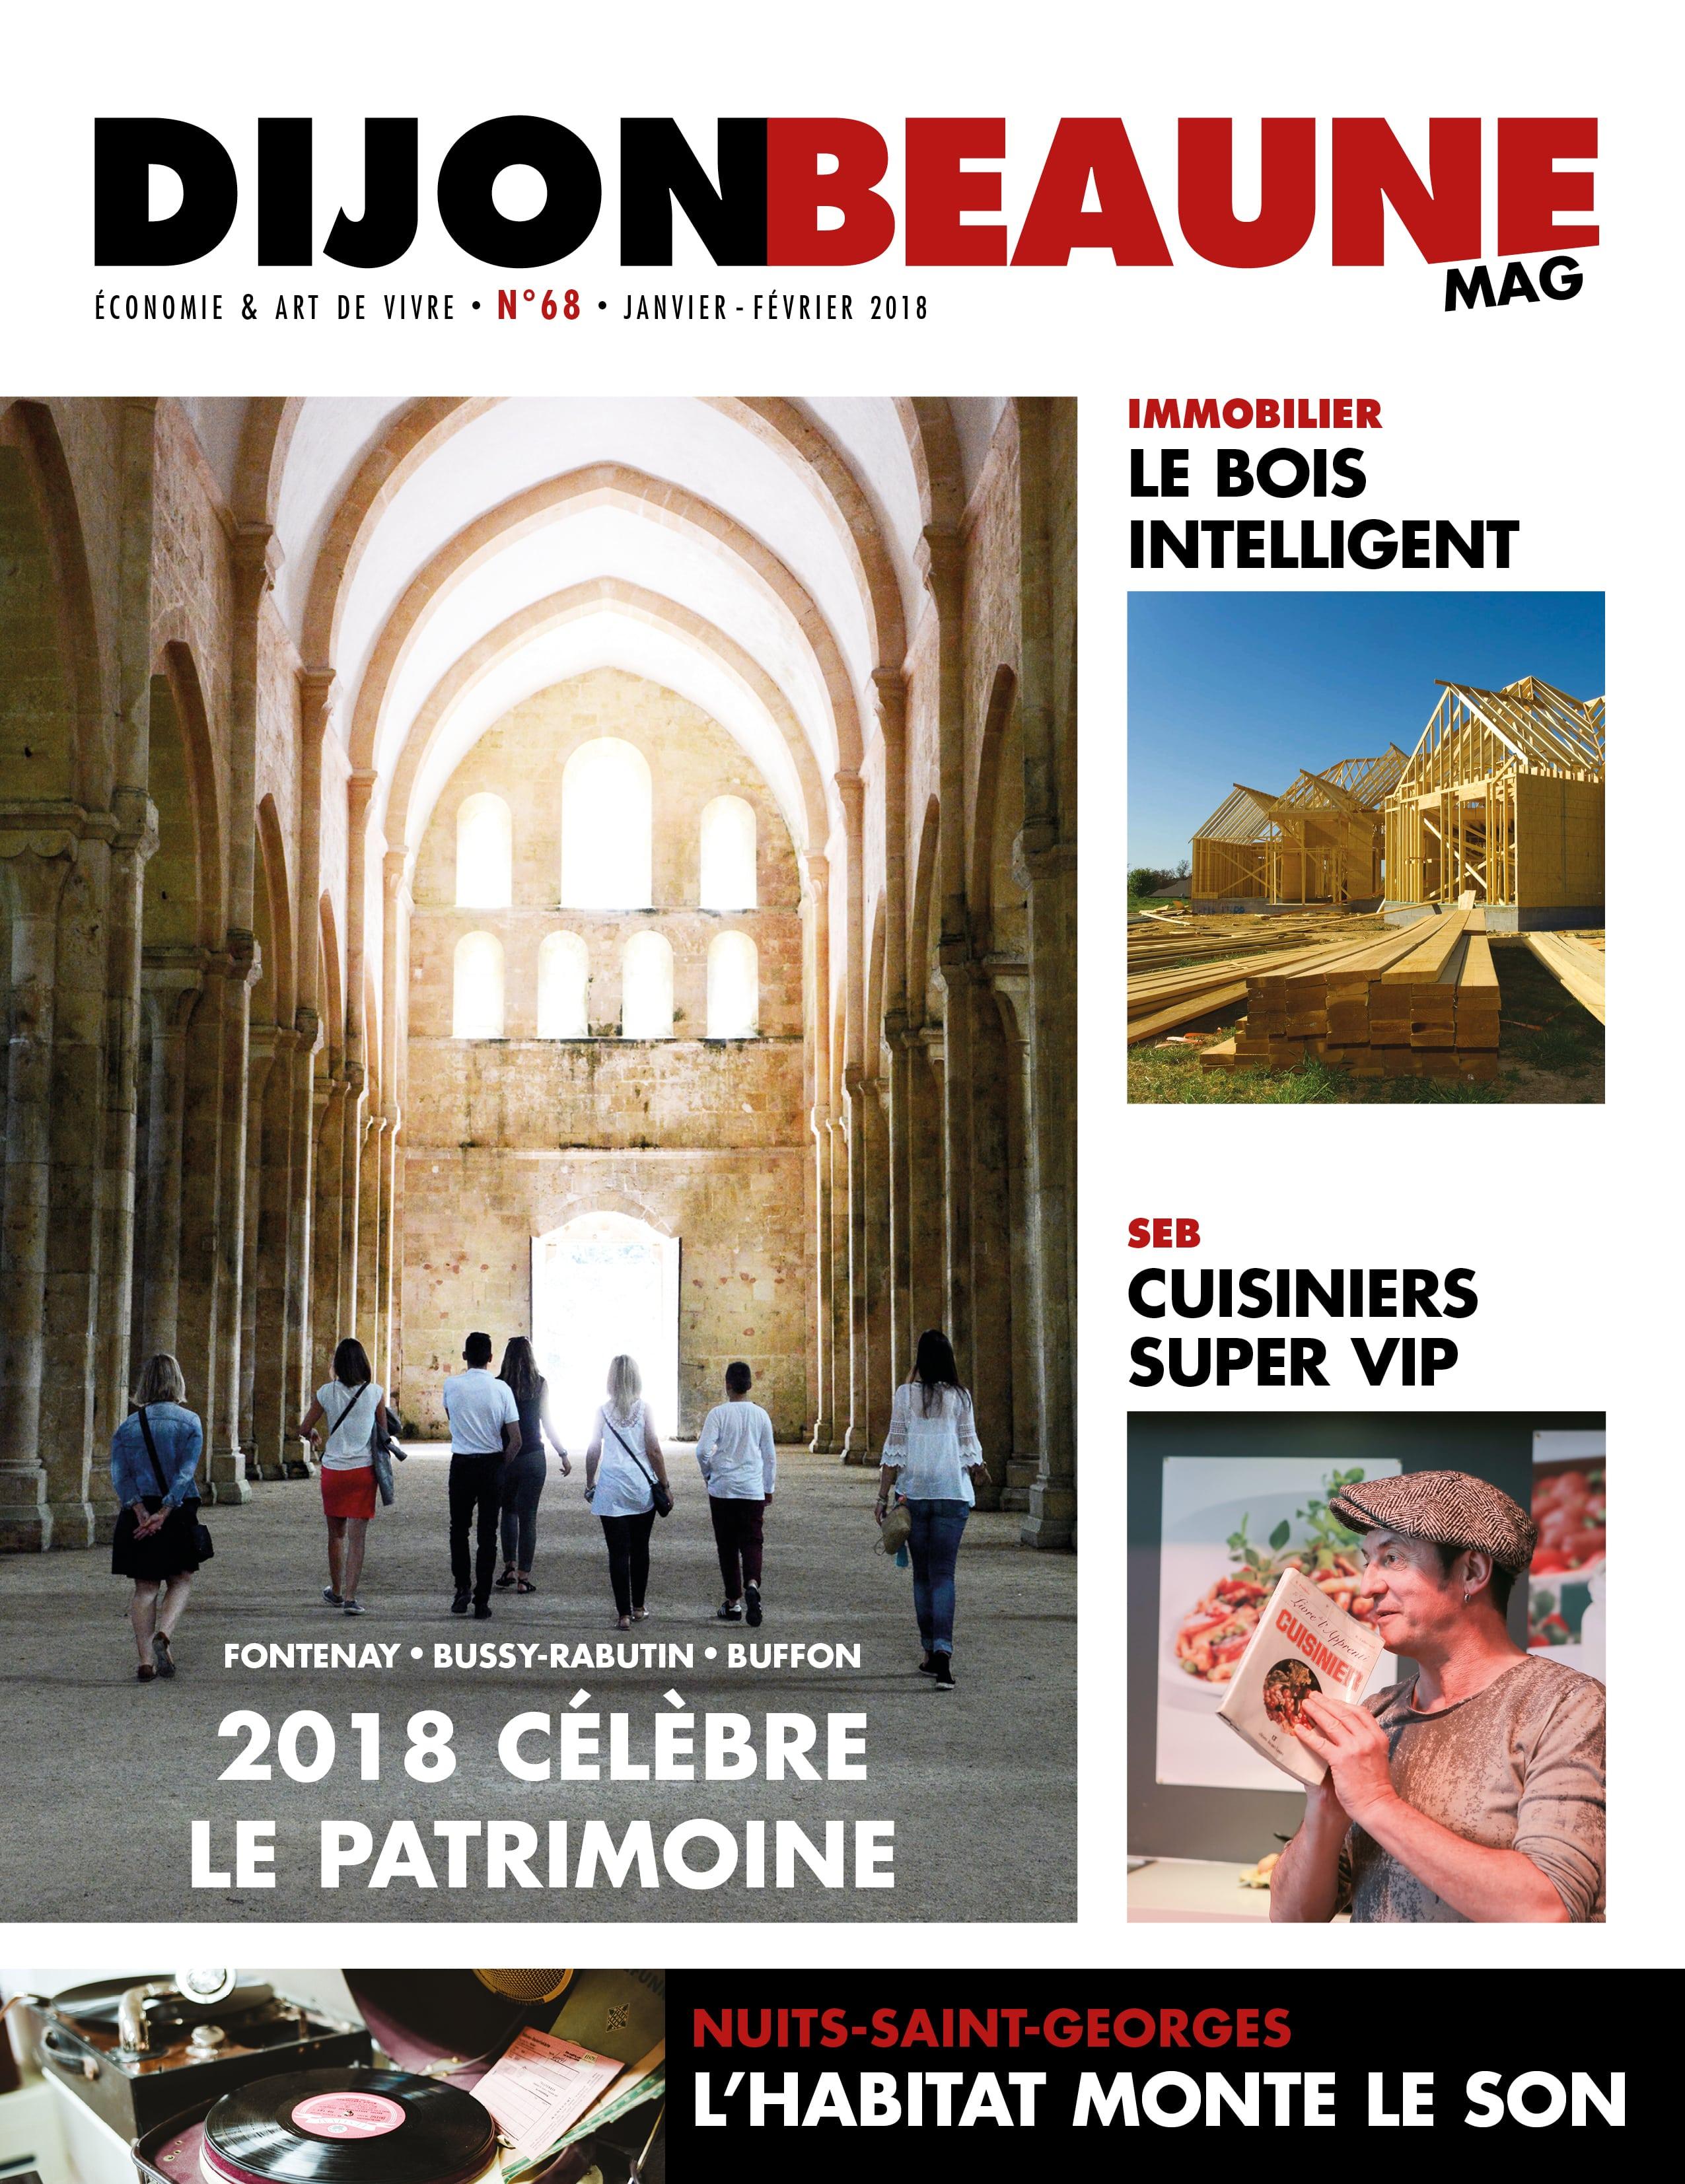 Pour 2018, Dijon-Beaune Mag #68 célèbre les Épiques Époques